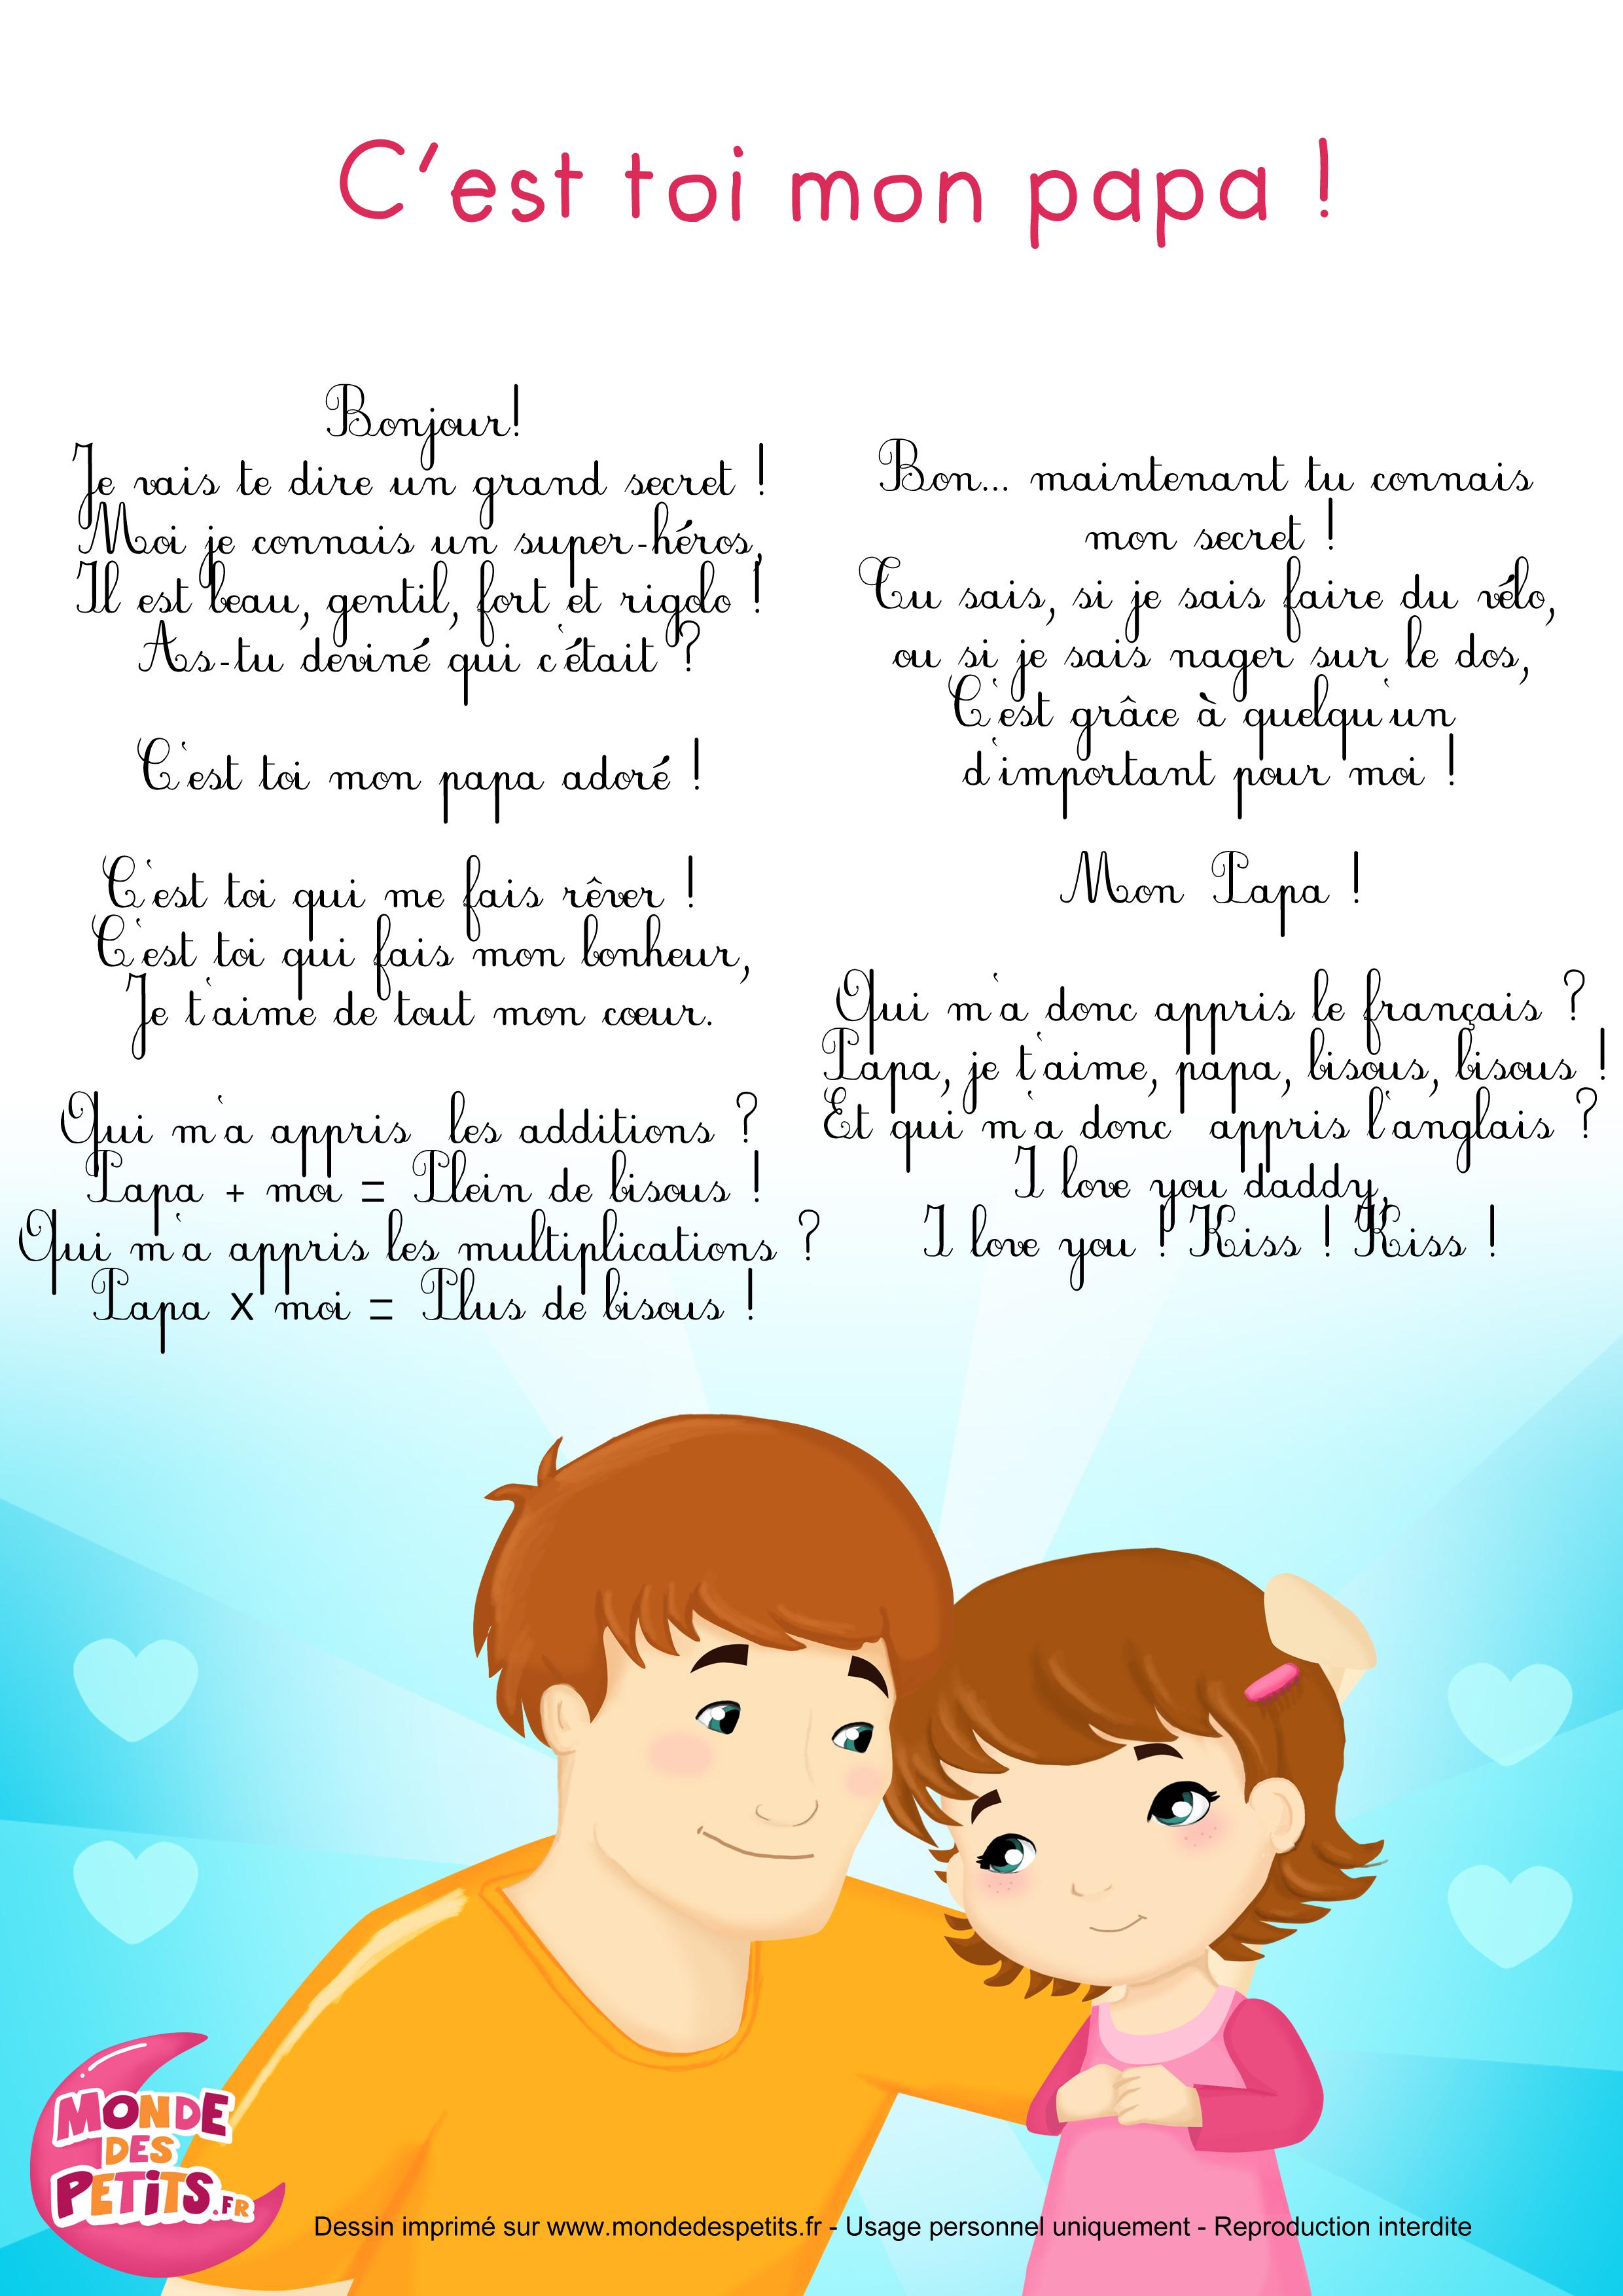 Monde Secret Du Pere Noel Paroles : monde des petits c 39 est toi mon papa ~ Pogadajmy.info Styles, Décorations et Voitures